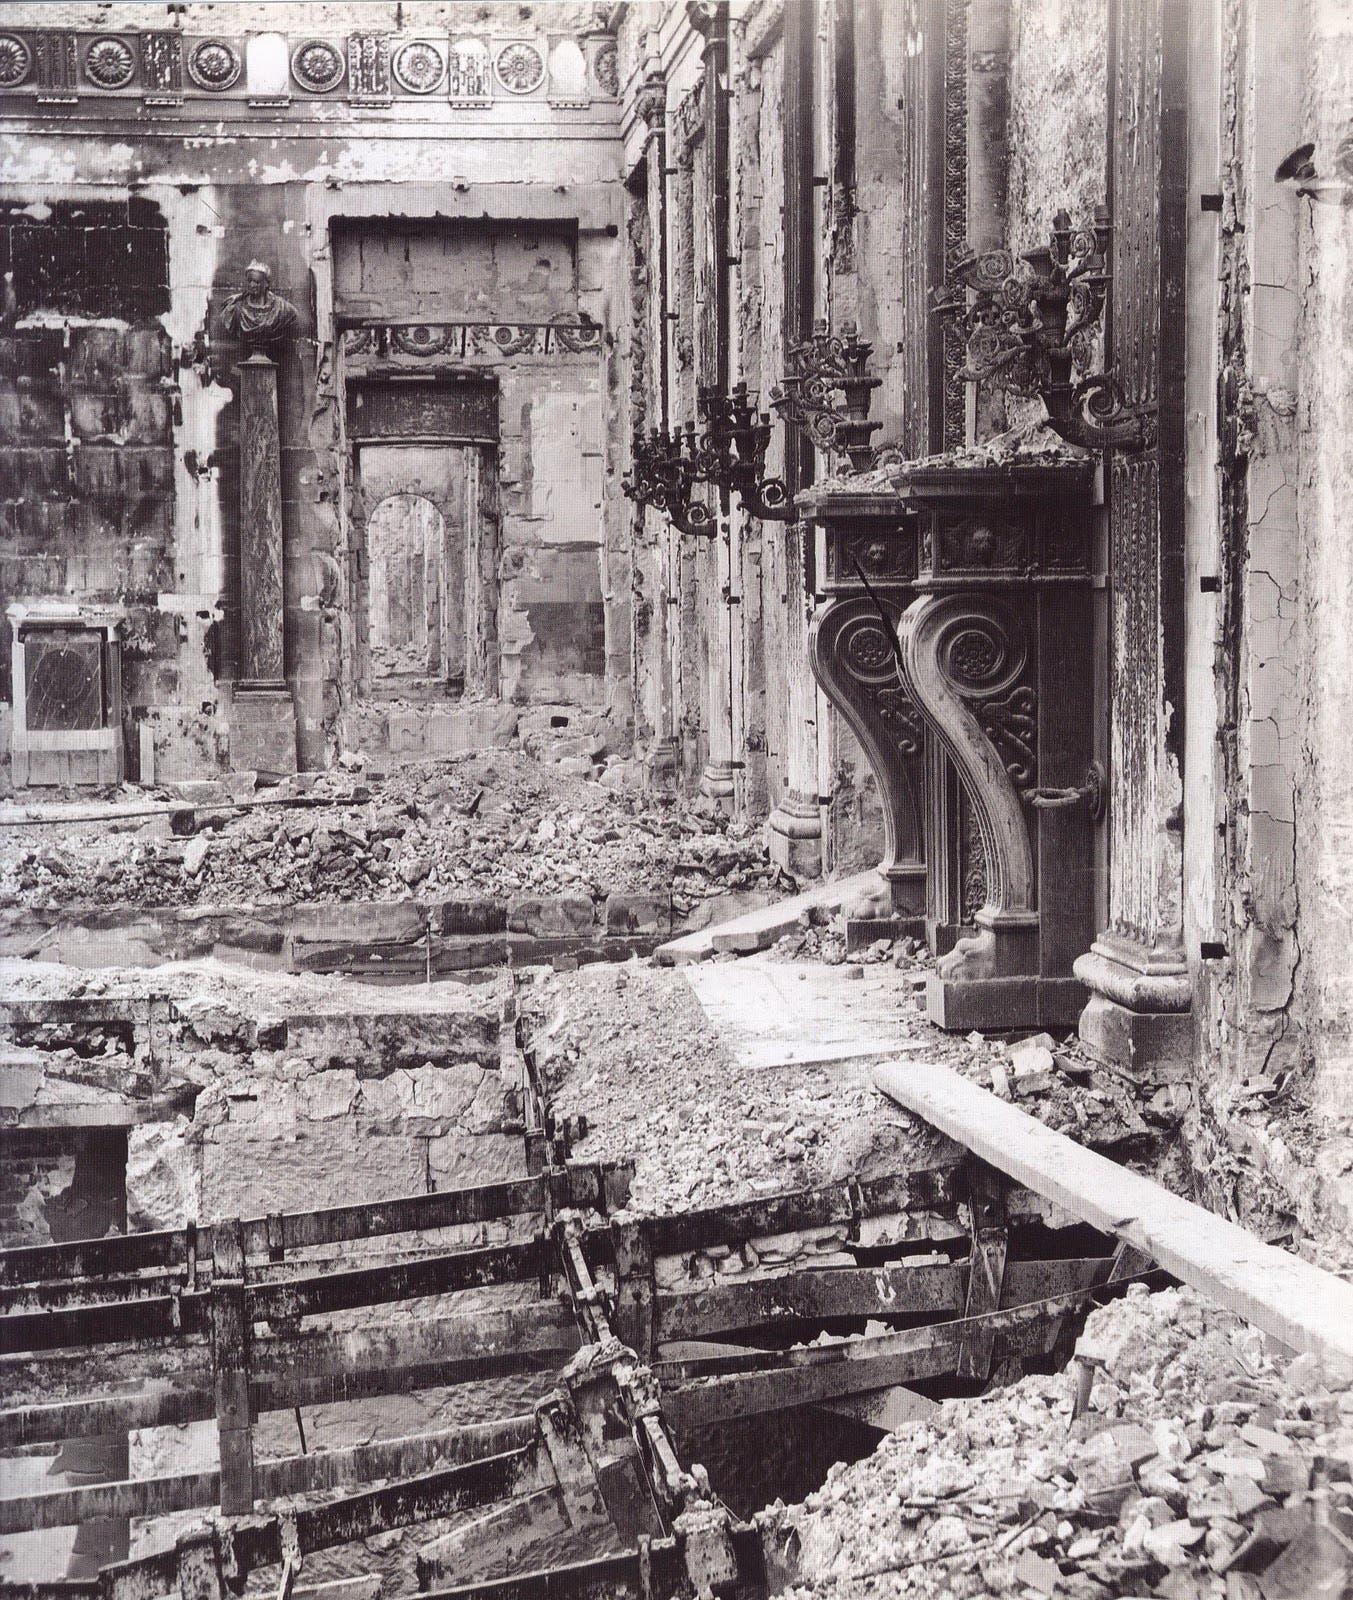 صورة لأحد الأروقة التي دمرها حريق قصر التويليري سنة 1871